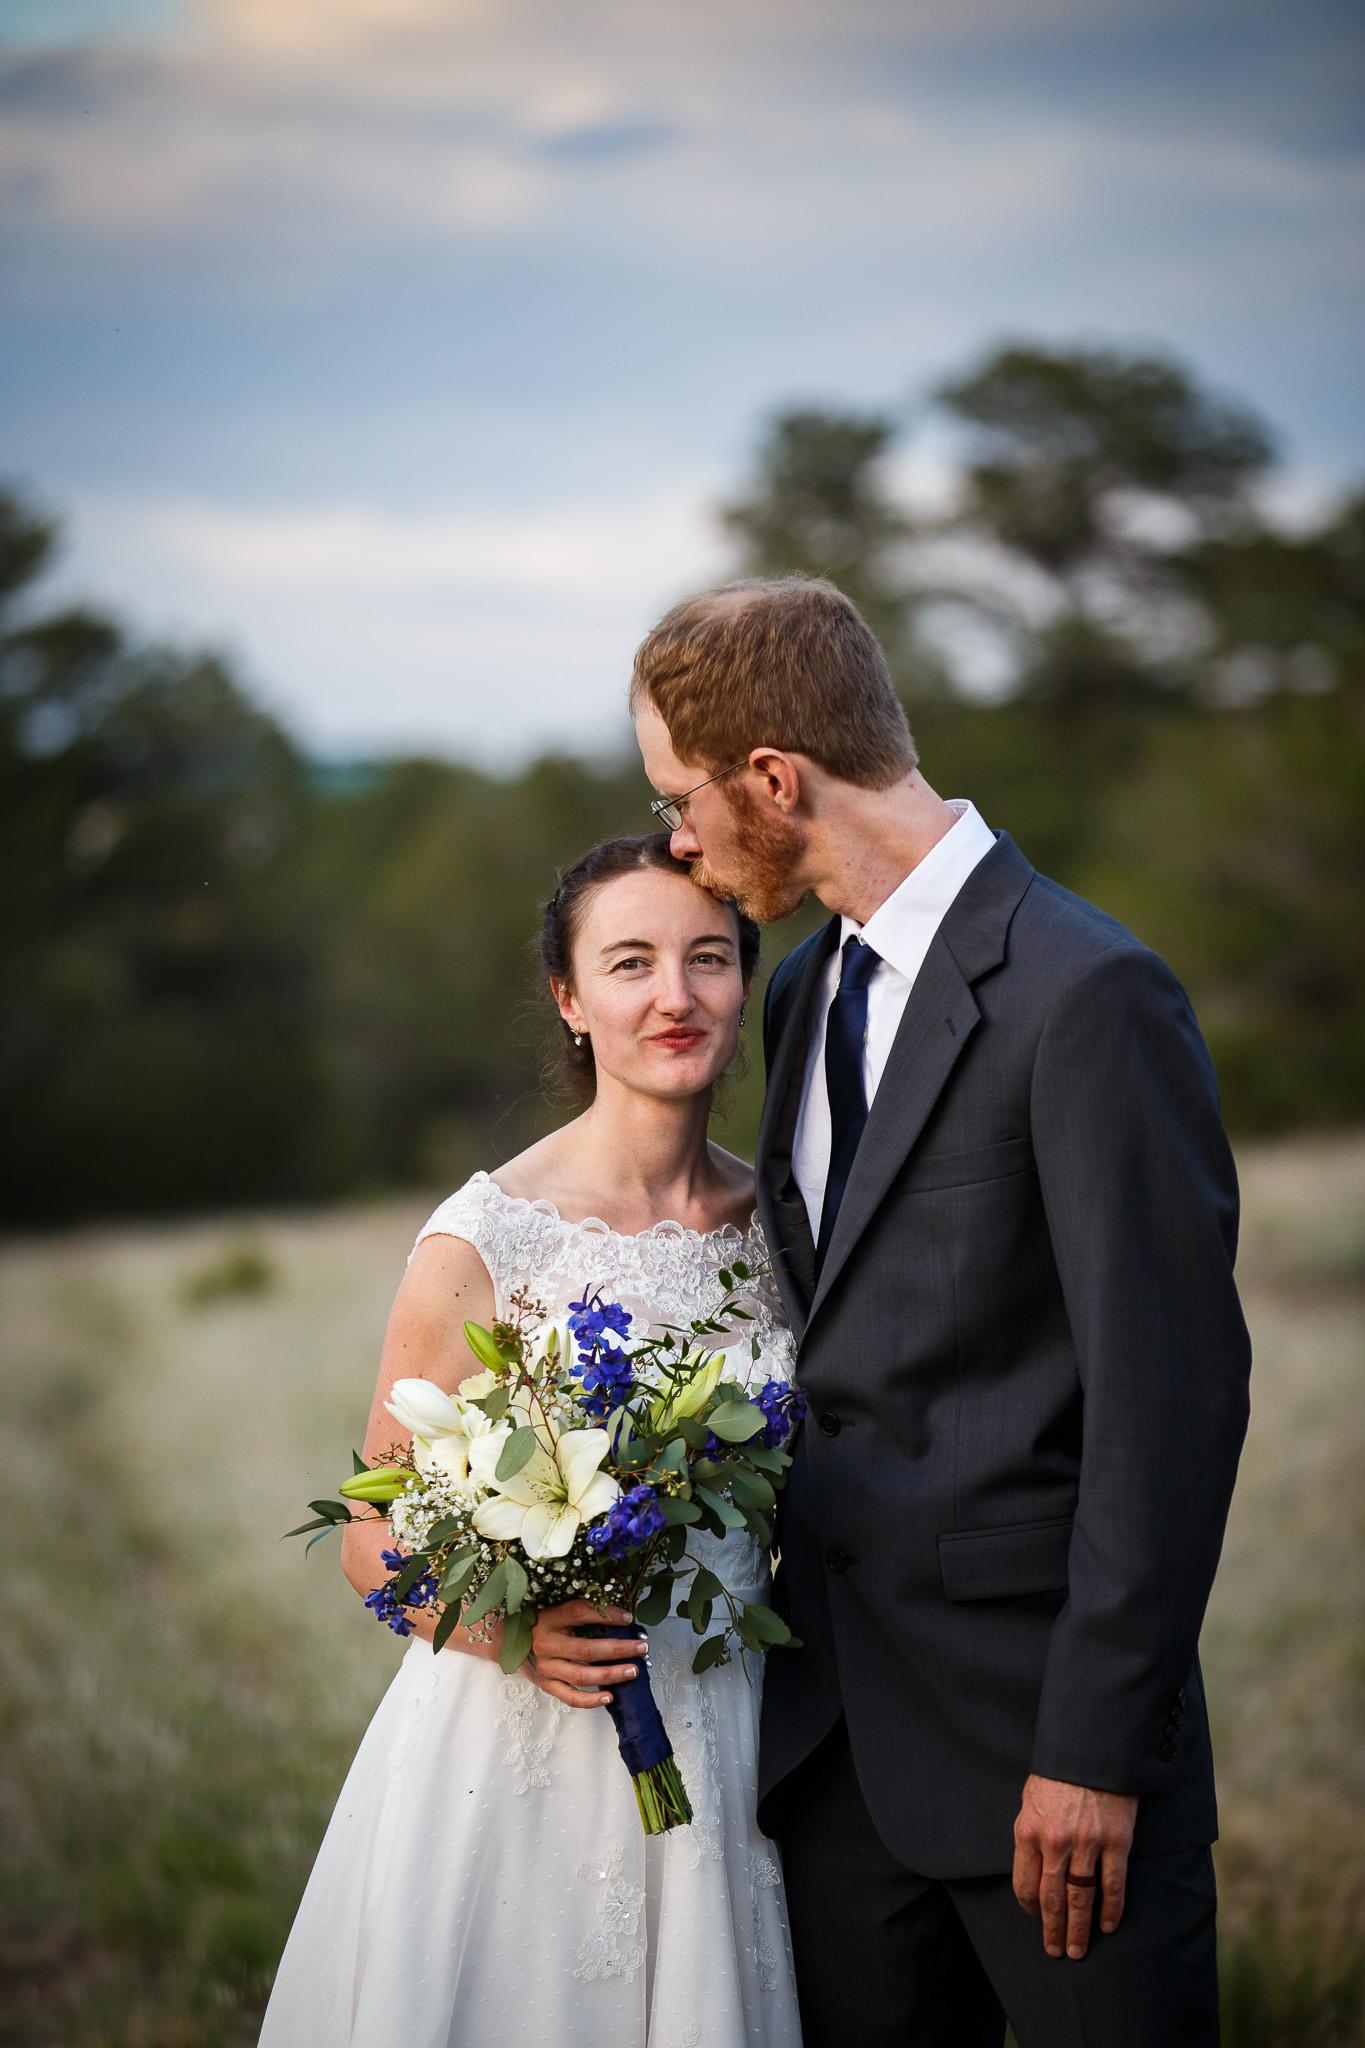 wedding-albuquerque-tijeras-ywca-pinon-canyon-center-0499.jpg